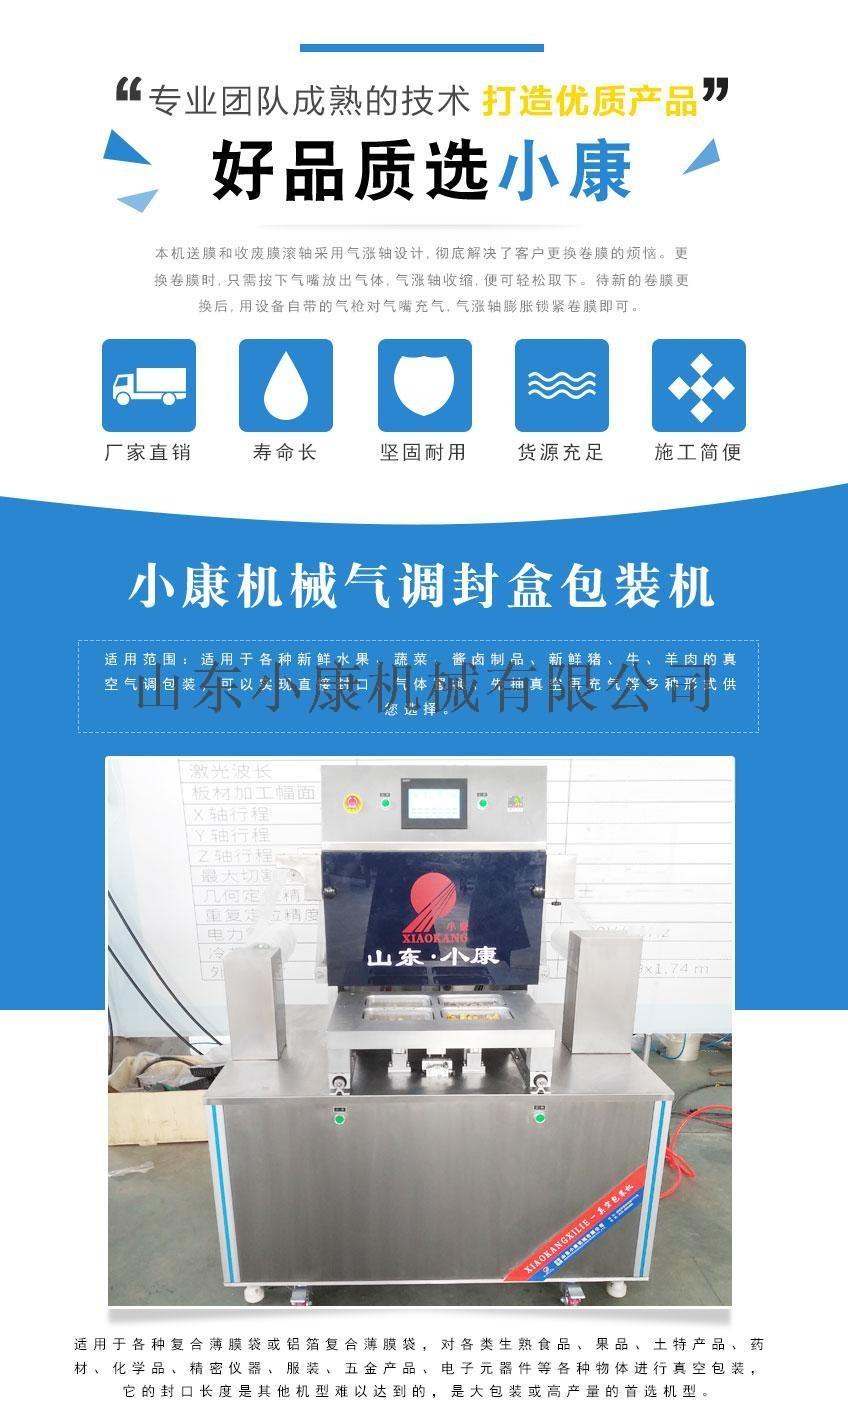 立式气调包装机主图.jpg